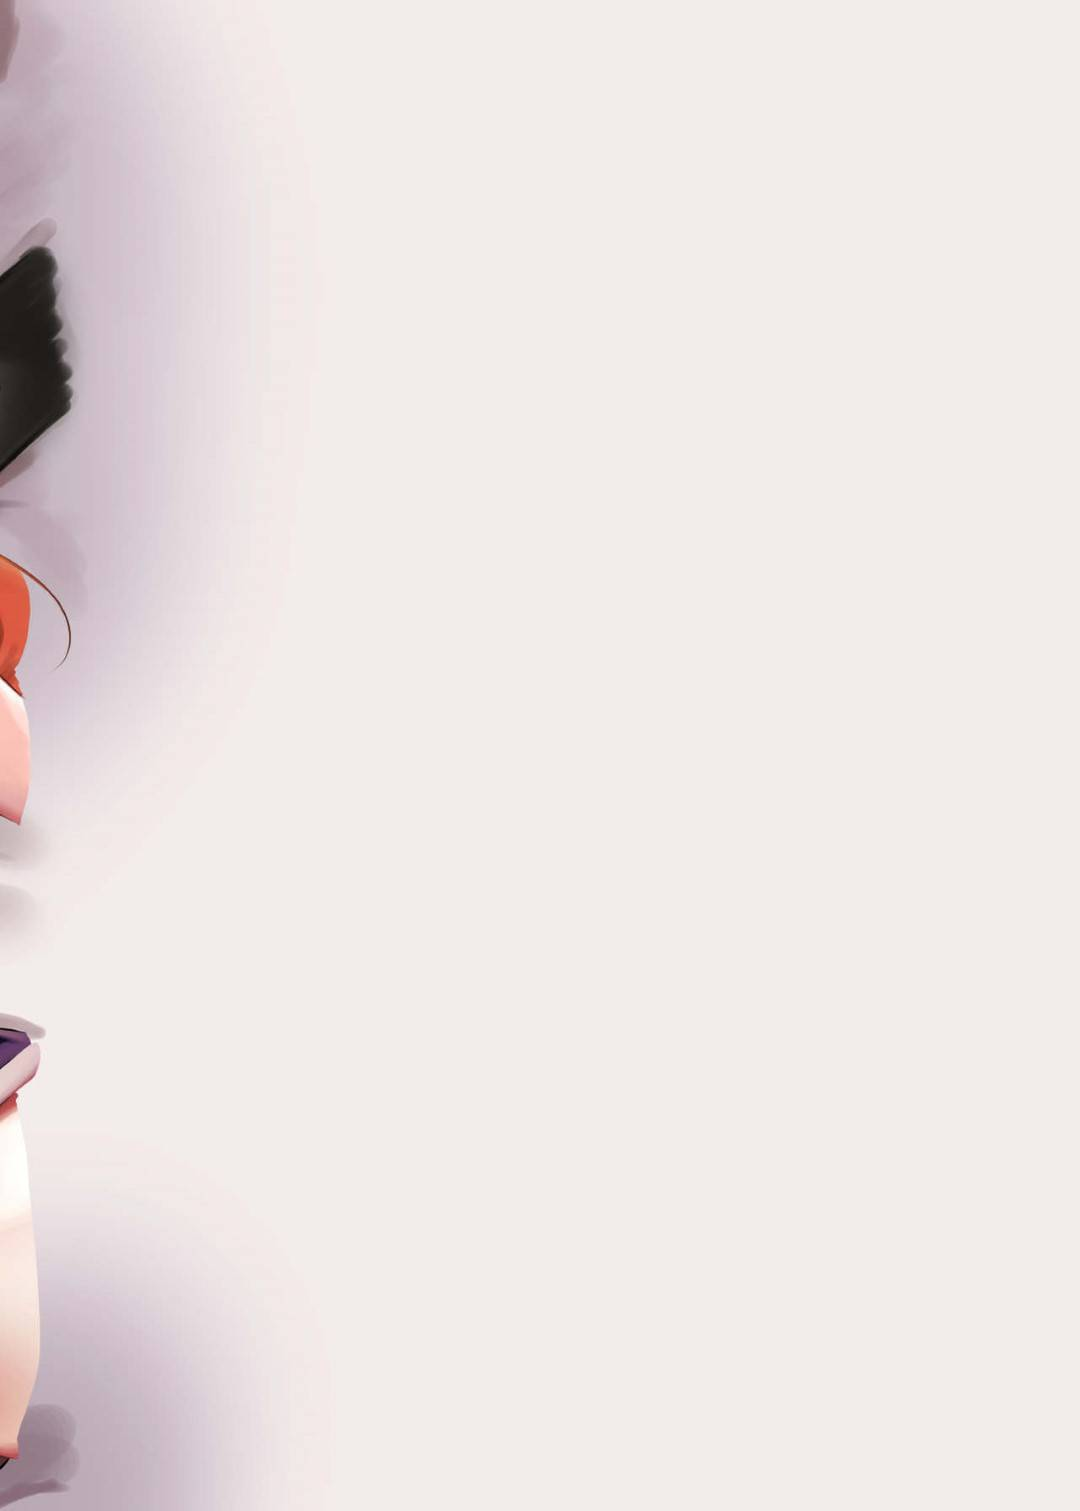 【ロリ催眠エロ漫画】人気FPSゲームをプレイ中相手を煽った美少女配信者は、有名配信者の名前を騙ってコンタクトを取ってきた男に催眠アプリを利用され生ハメセックスで犯される【しにま】